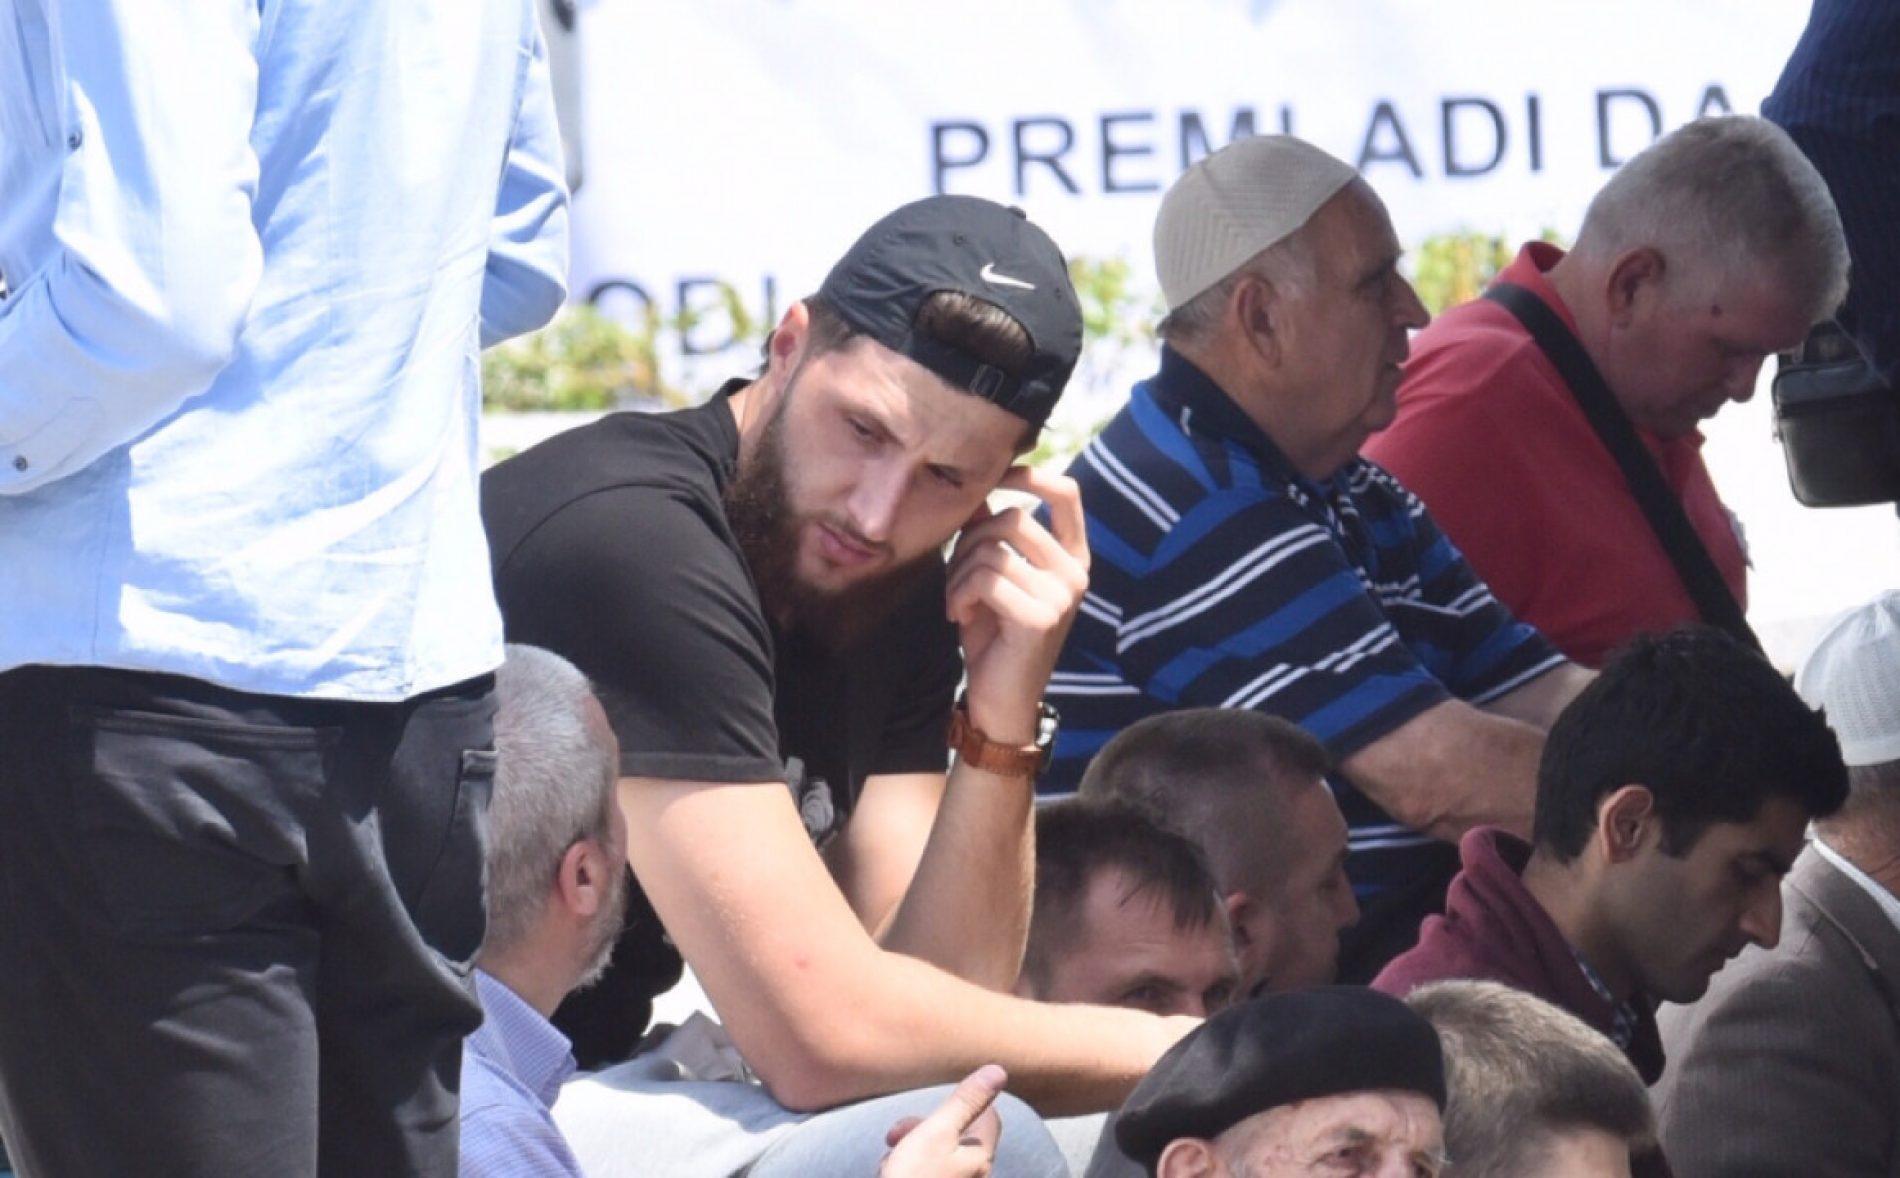 Jusuf Nurkić doputovao u Srebrenicu da oda počast žrtvama genocida